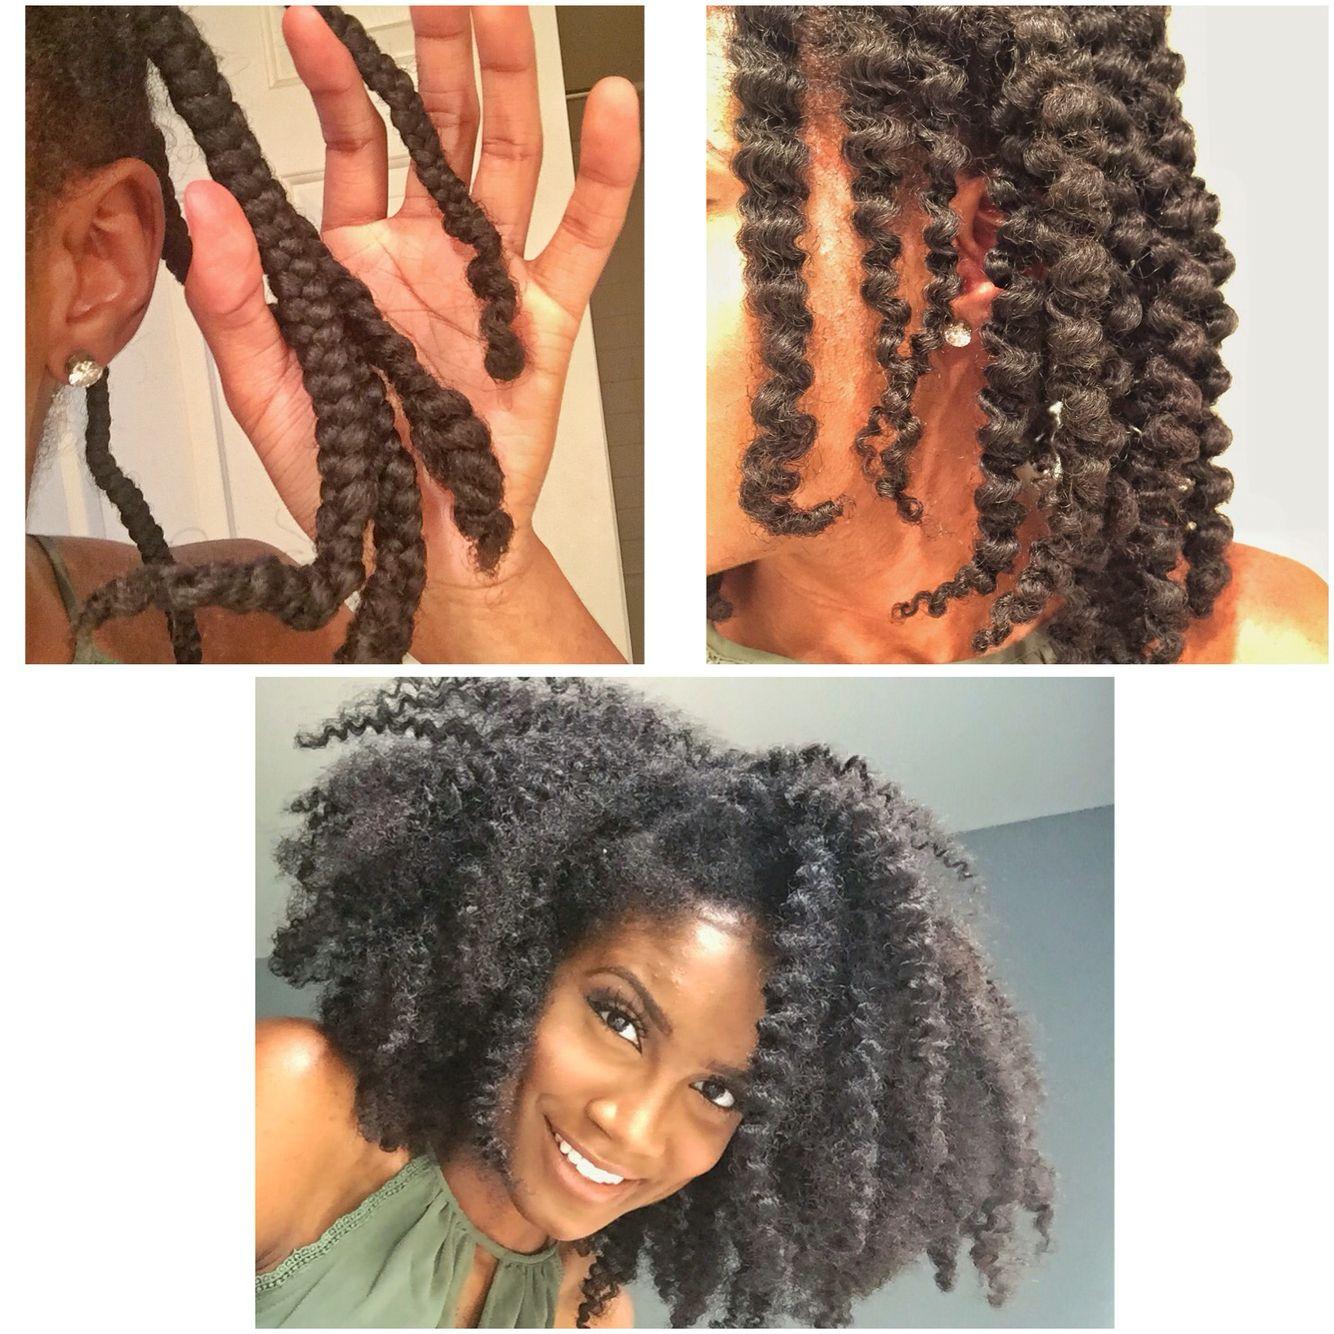 Natural Hair Braid Out On Wet Hair Braid Out Natural Hair Natural Hair Braids Hair Styles